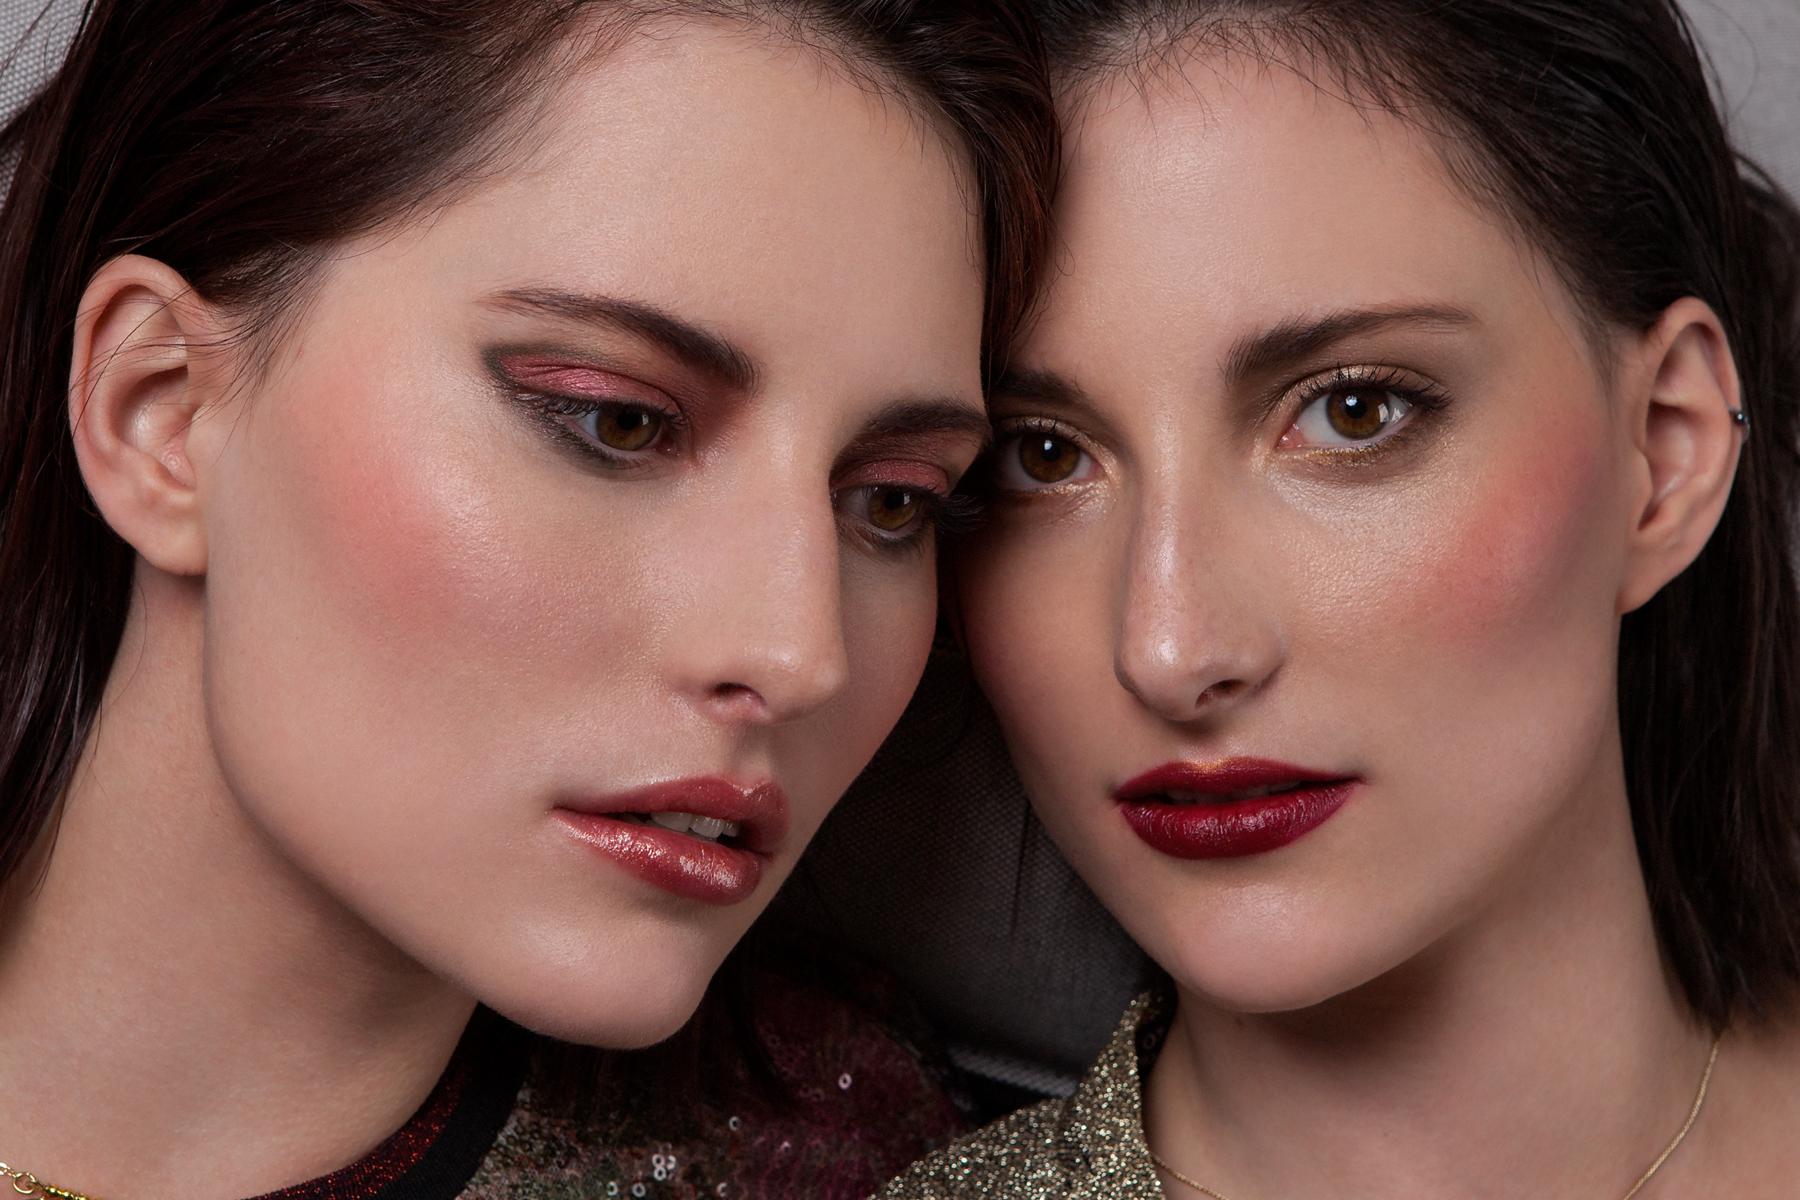 KirstinAnne_Twins12.jpg